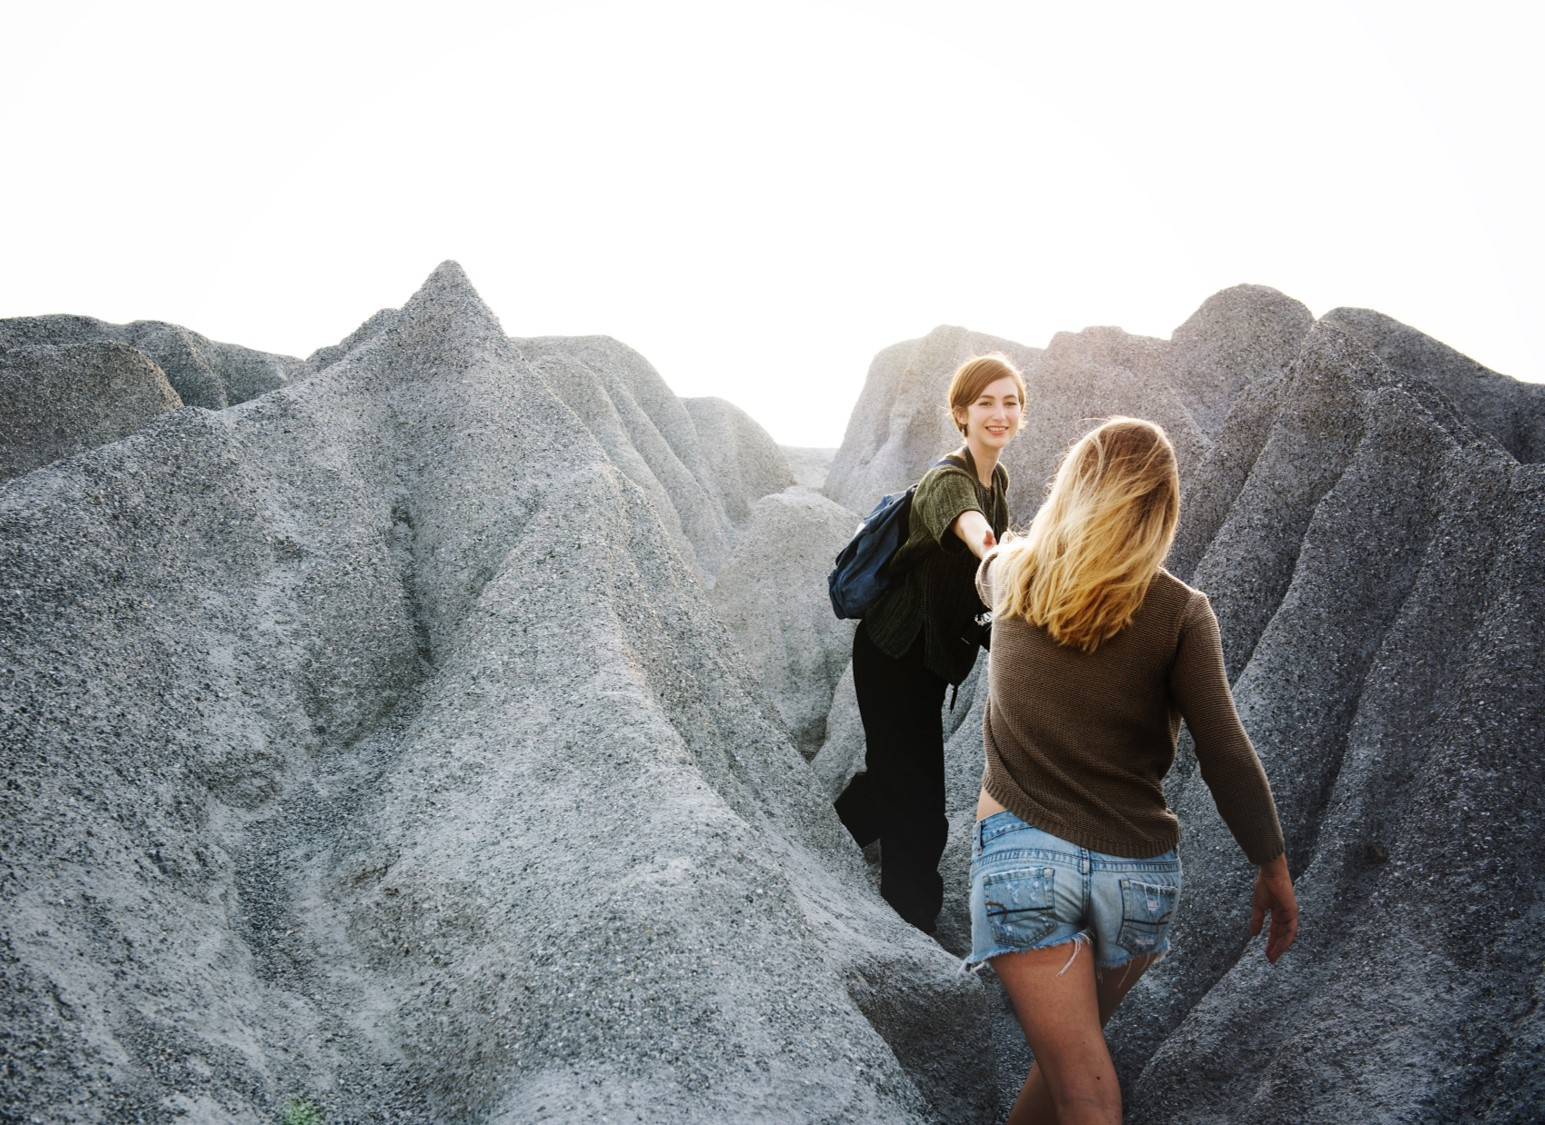 Polullaan pidemmälle ehtinyt nainen auttaa ystäväänsä kulkemaan kivikossa.